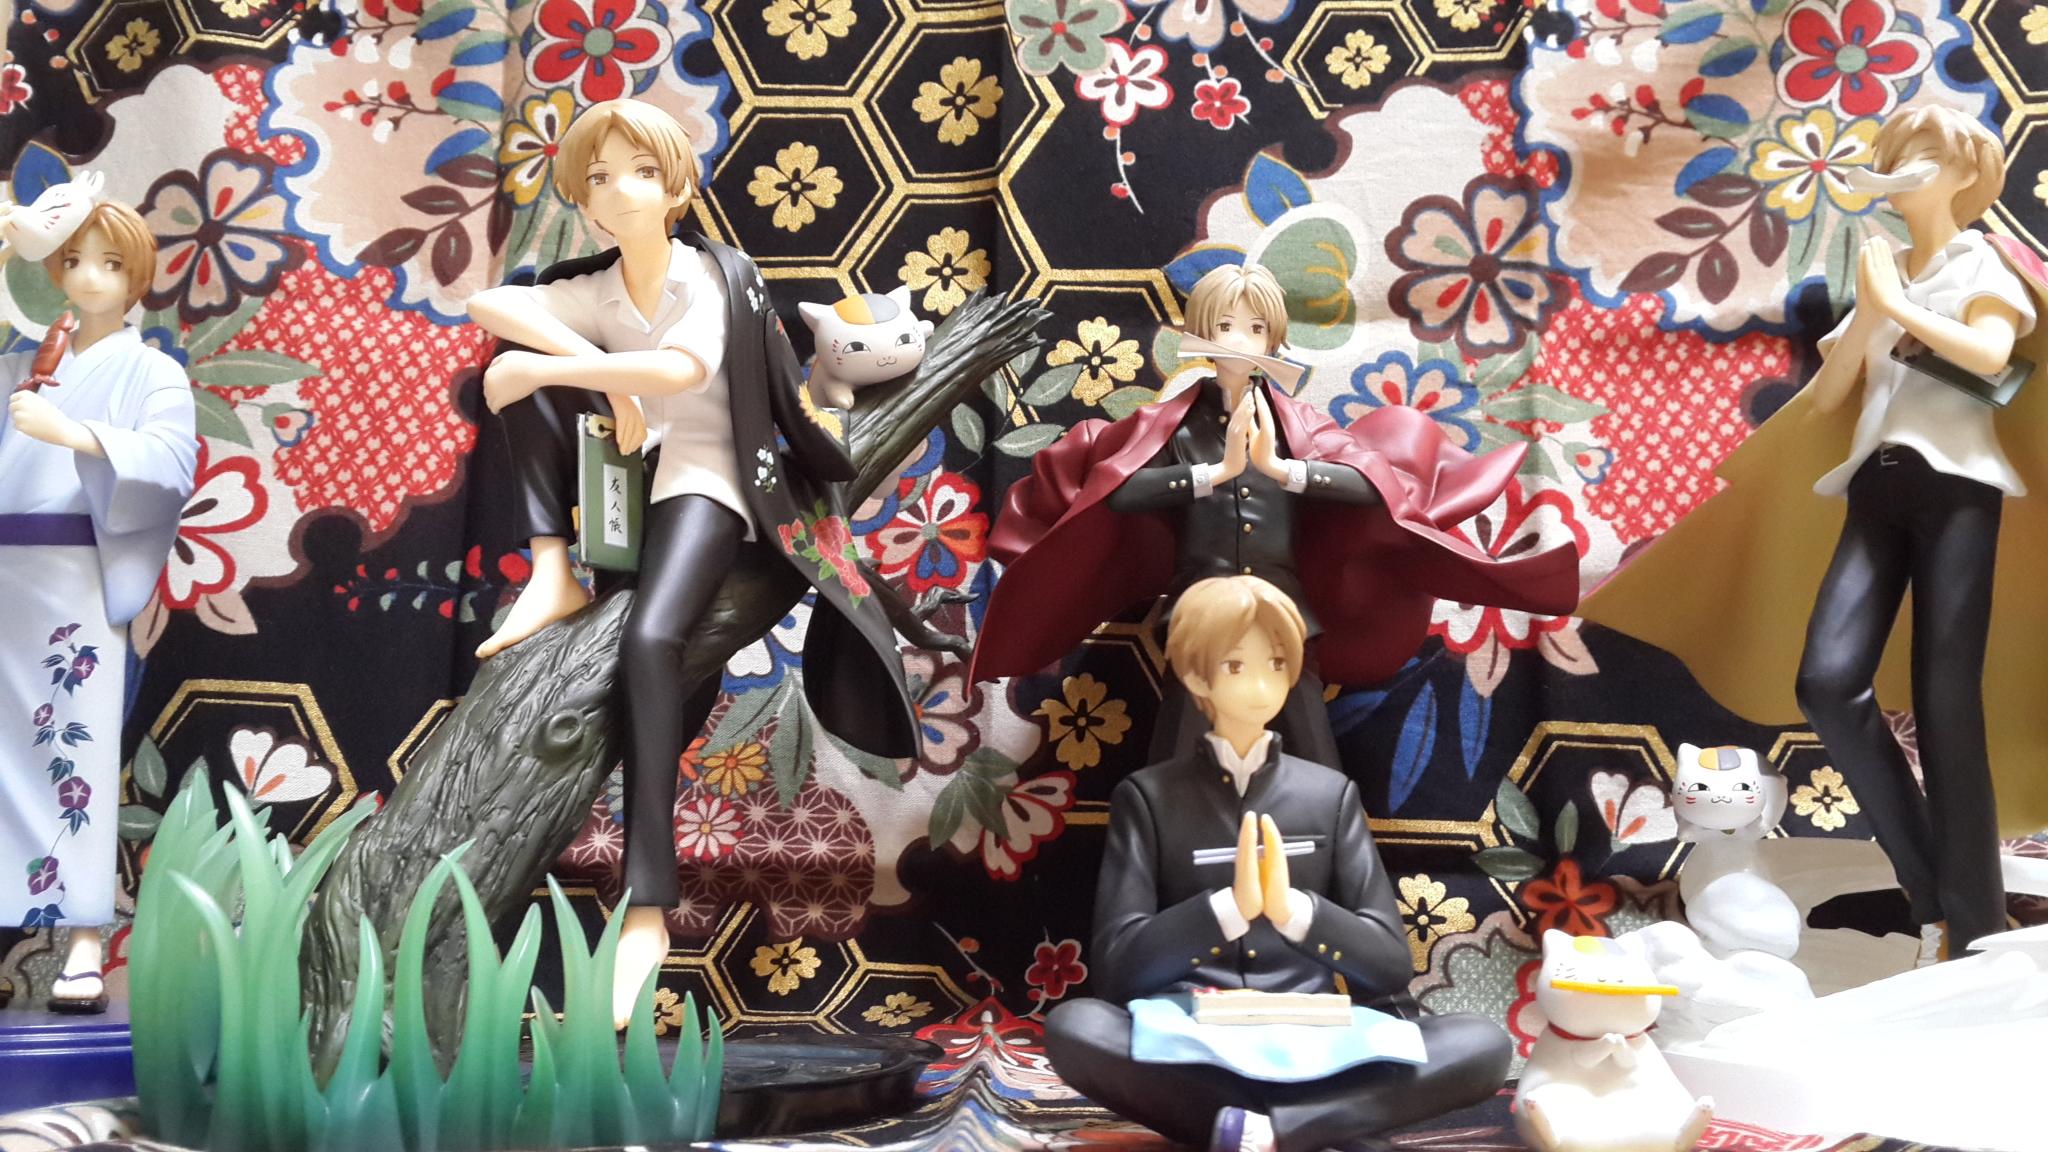 kotobukiya alter banpresto natsume_yuujinchou natsume_takashi ichiban_kuji altair mirano madara_(nyanko-sensei) moriwaki_naoto hakusensha midorikawa_yuki natsume_yuujinchou_san artfx_j dxf_figure itou_yoshinori ichiban_kuji_natsume_yuujinchou_tribute_gallery_~manpuku_emaki ichiban_kuji_natsume_yuujinchou_tribute_gallery_~toki_no_kioku~ natsume_yuujinchou_dxf_figure_~sai~ watanabe_takamasa